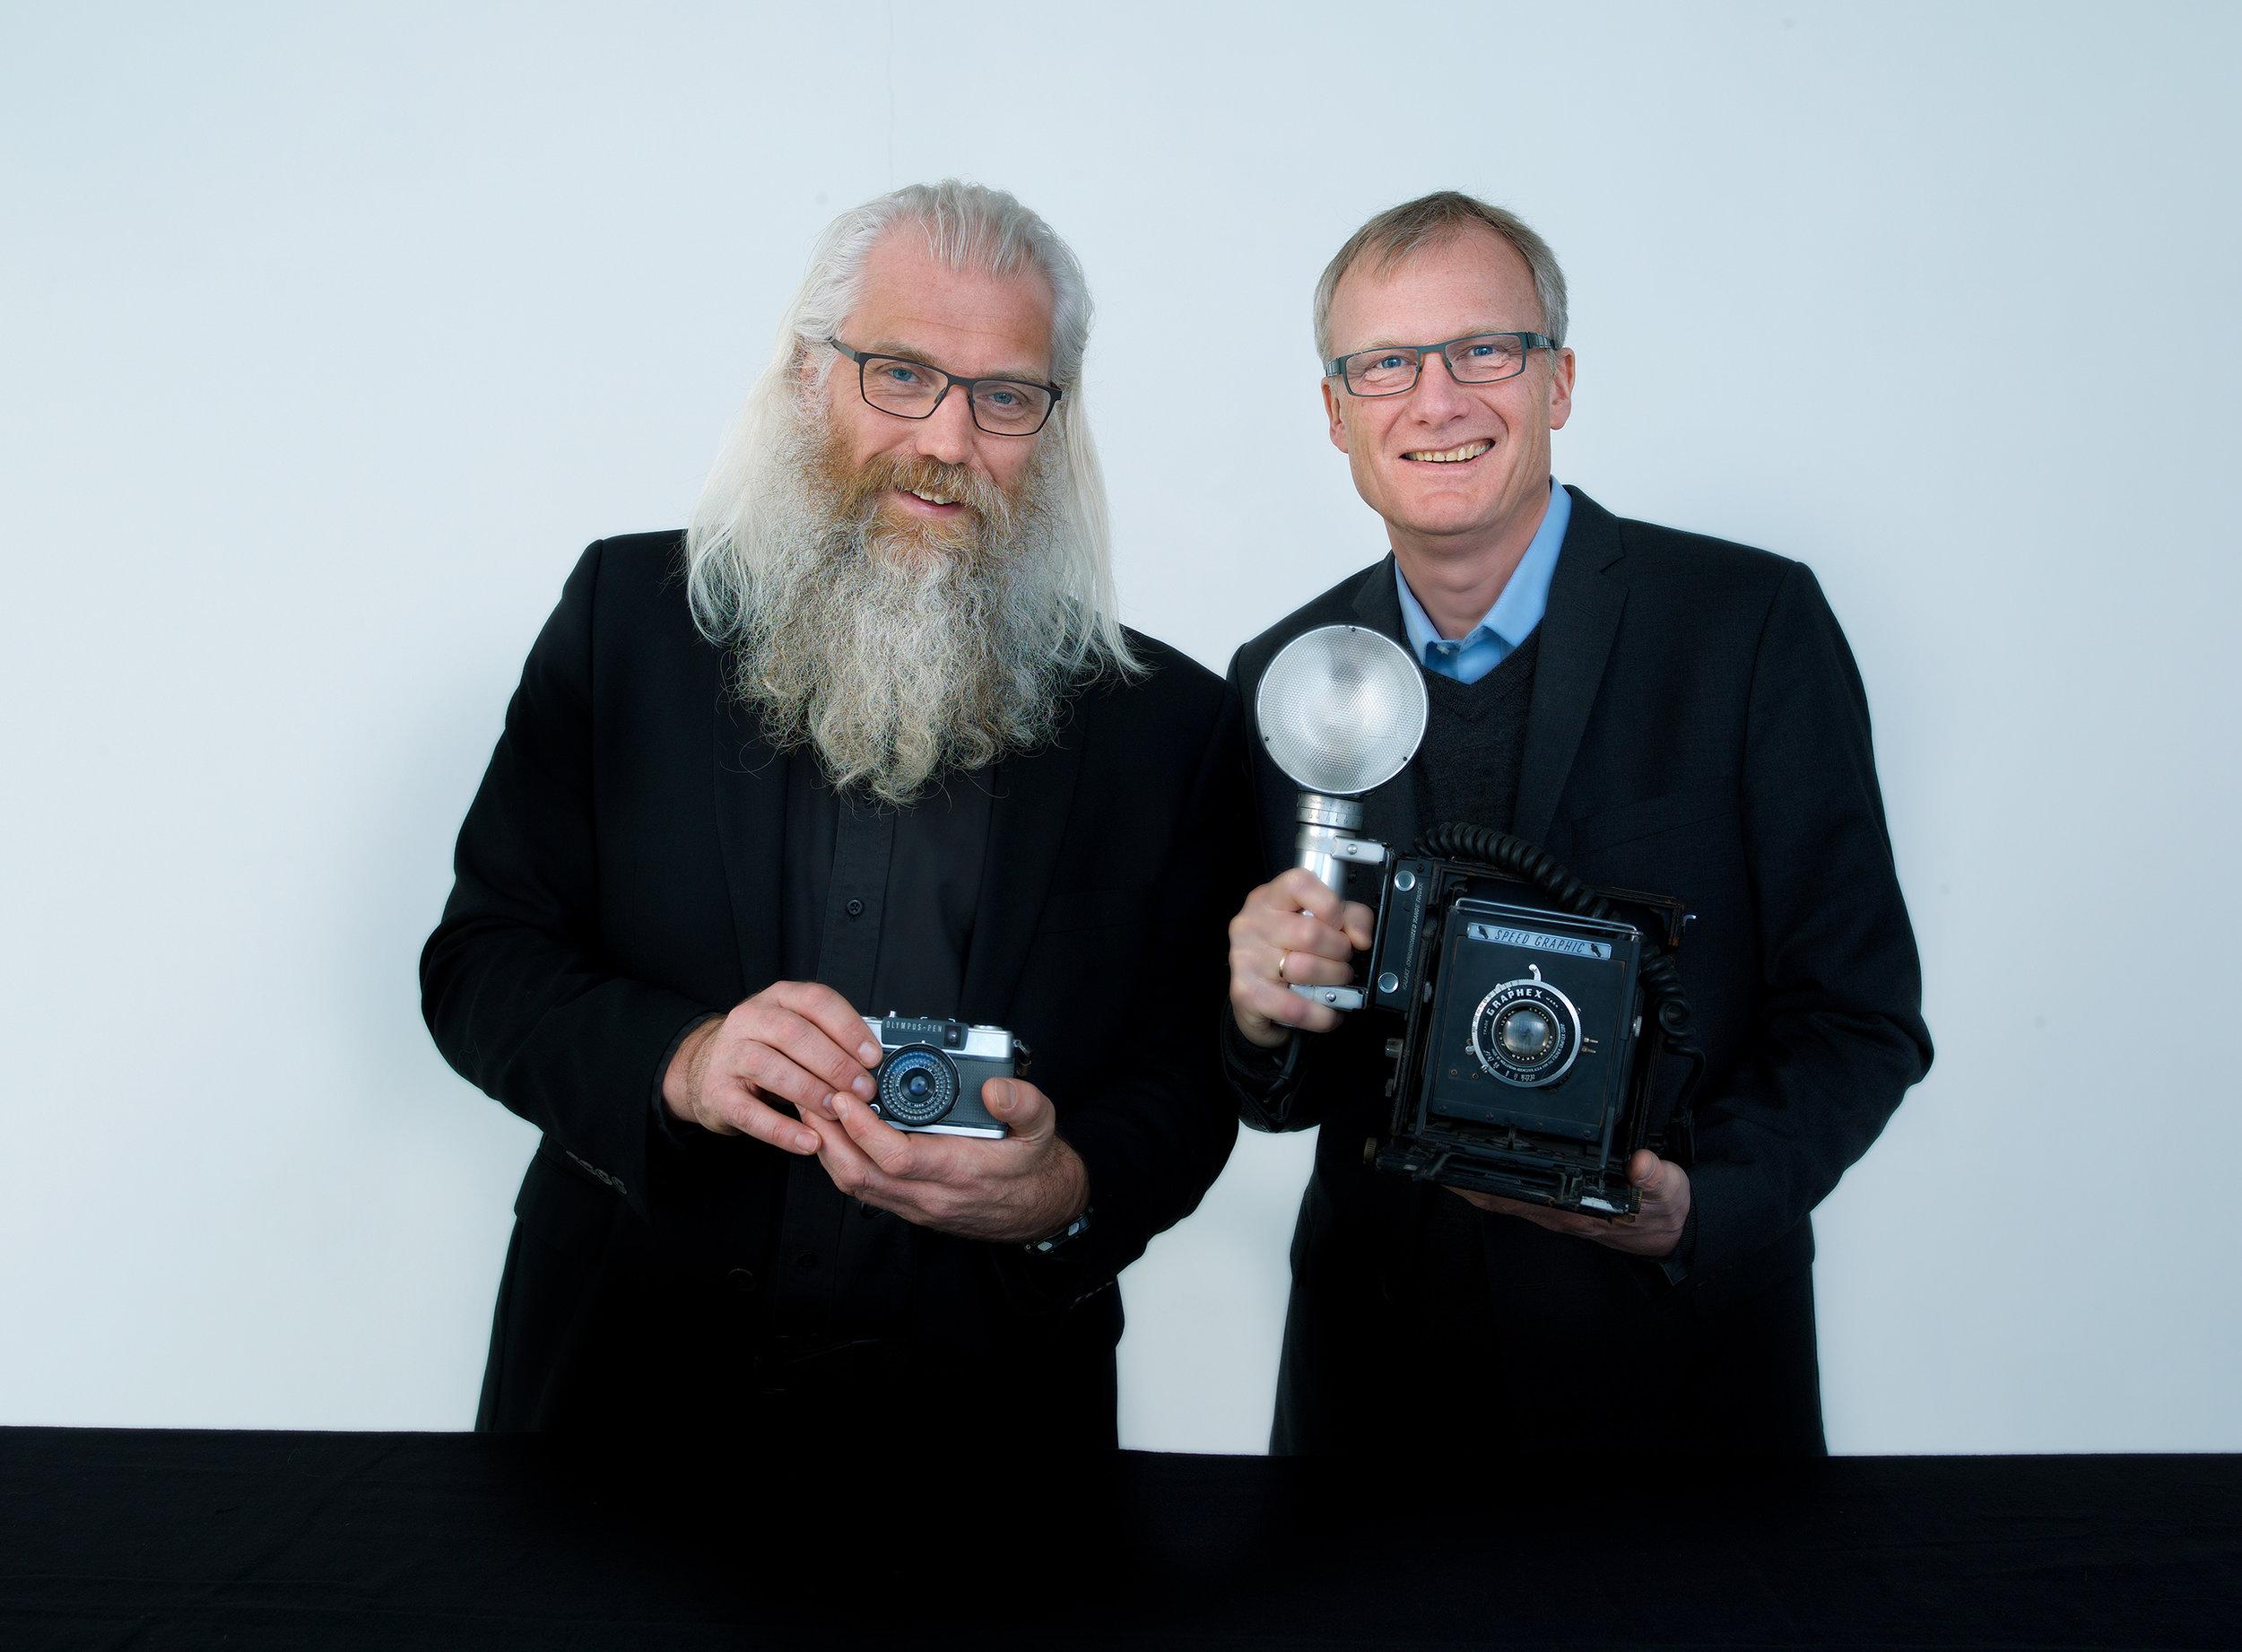 Fra venstre; Erling Johansen, daglig leder i Fotografihuset AS og Kjell Kalland, adm. dir. i HAV Eiendom. (FOTO: CF-Wesenberg)